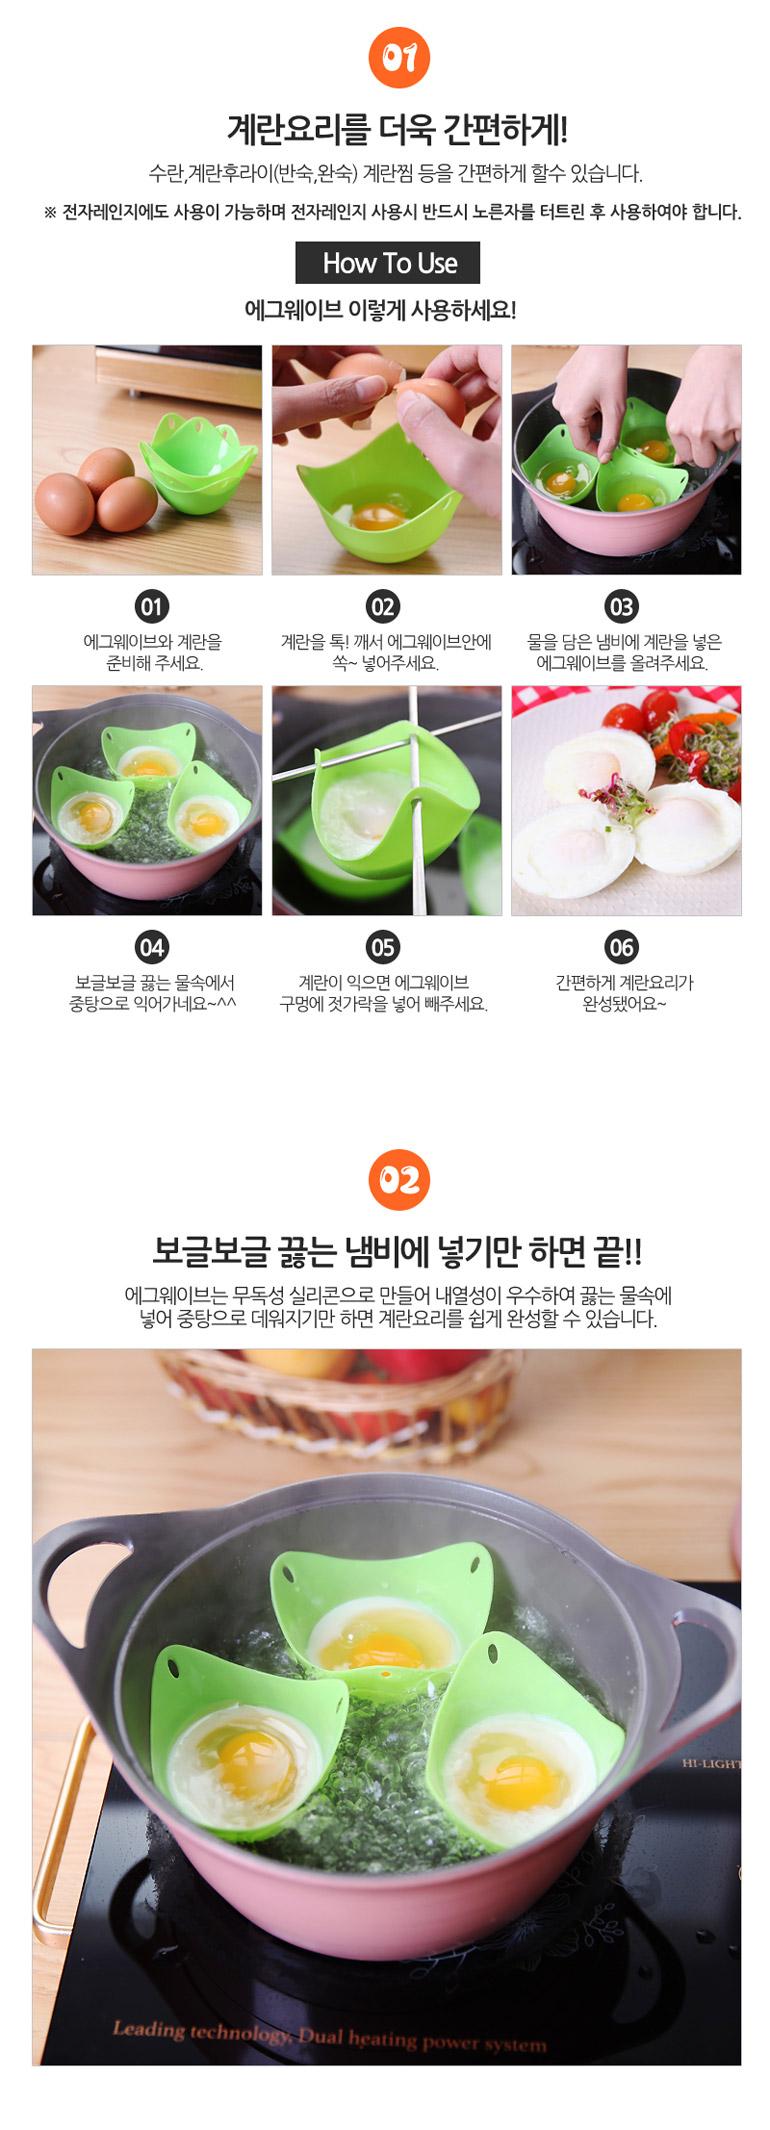 계란의 혁신  수란메이커 에그웨이브 EggWave - 엔티에스콥, 4,900원, 압력솥/찜기, 찜기